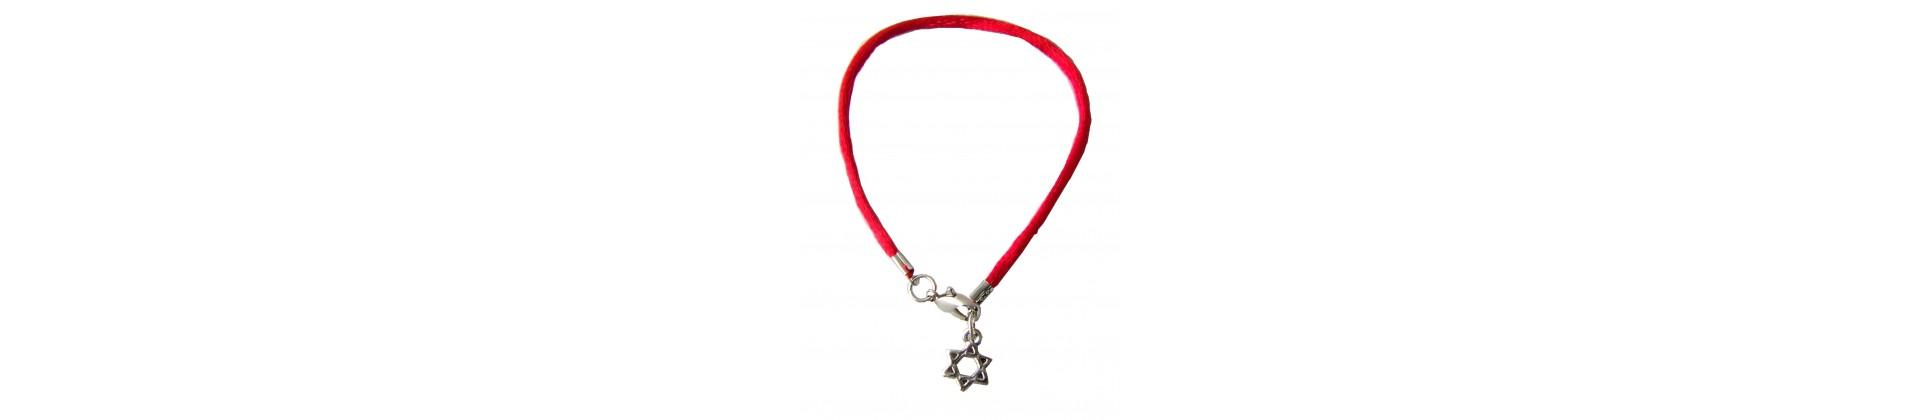 Jewish strap